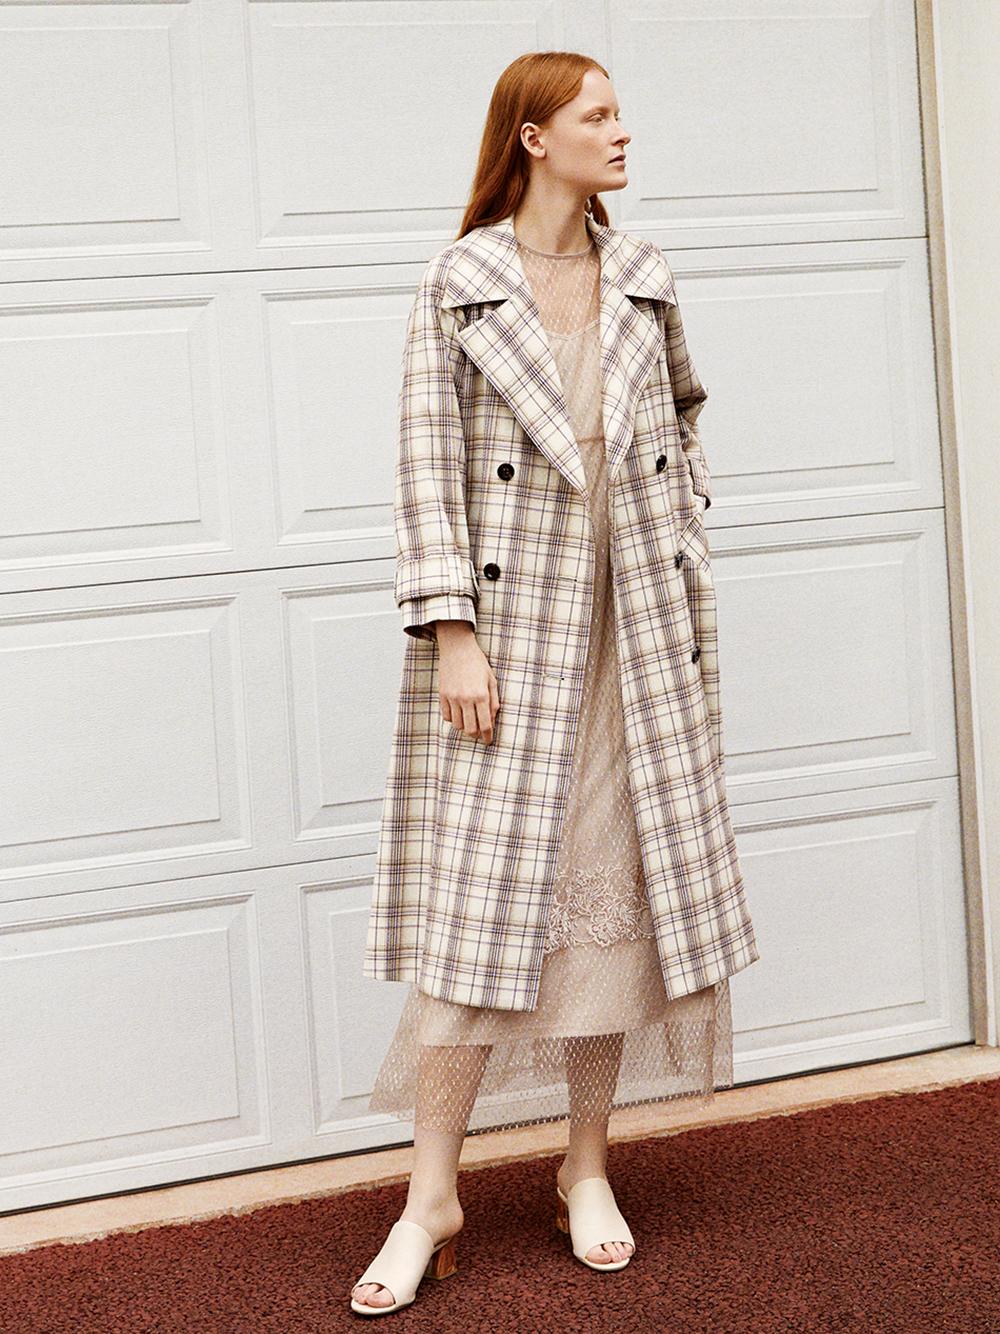 洋裝式風衣外套